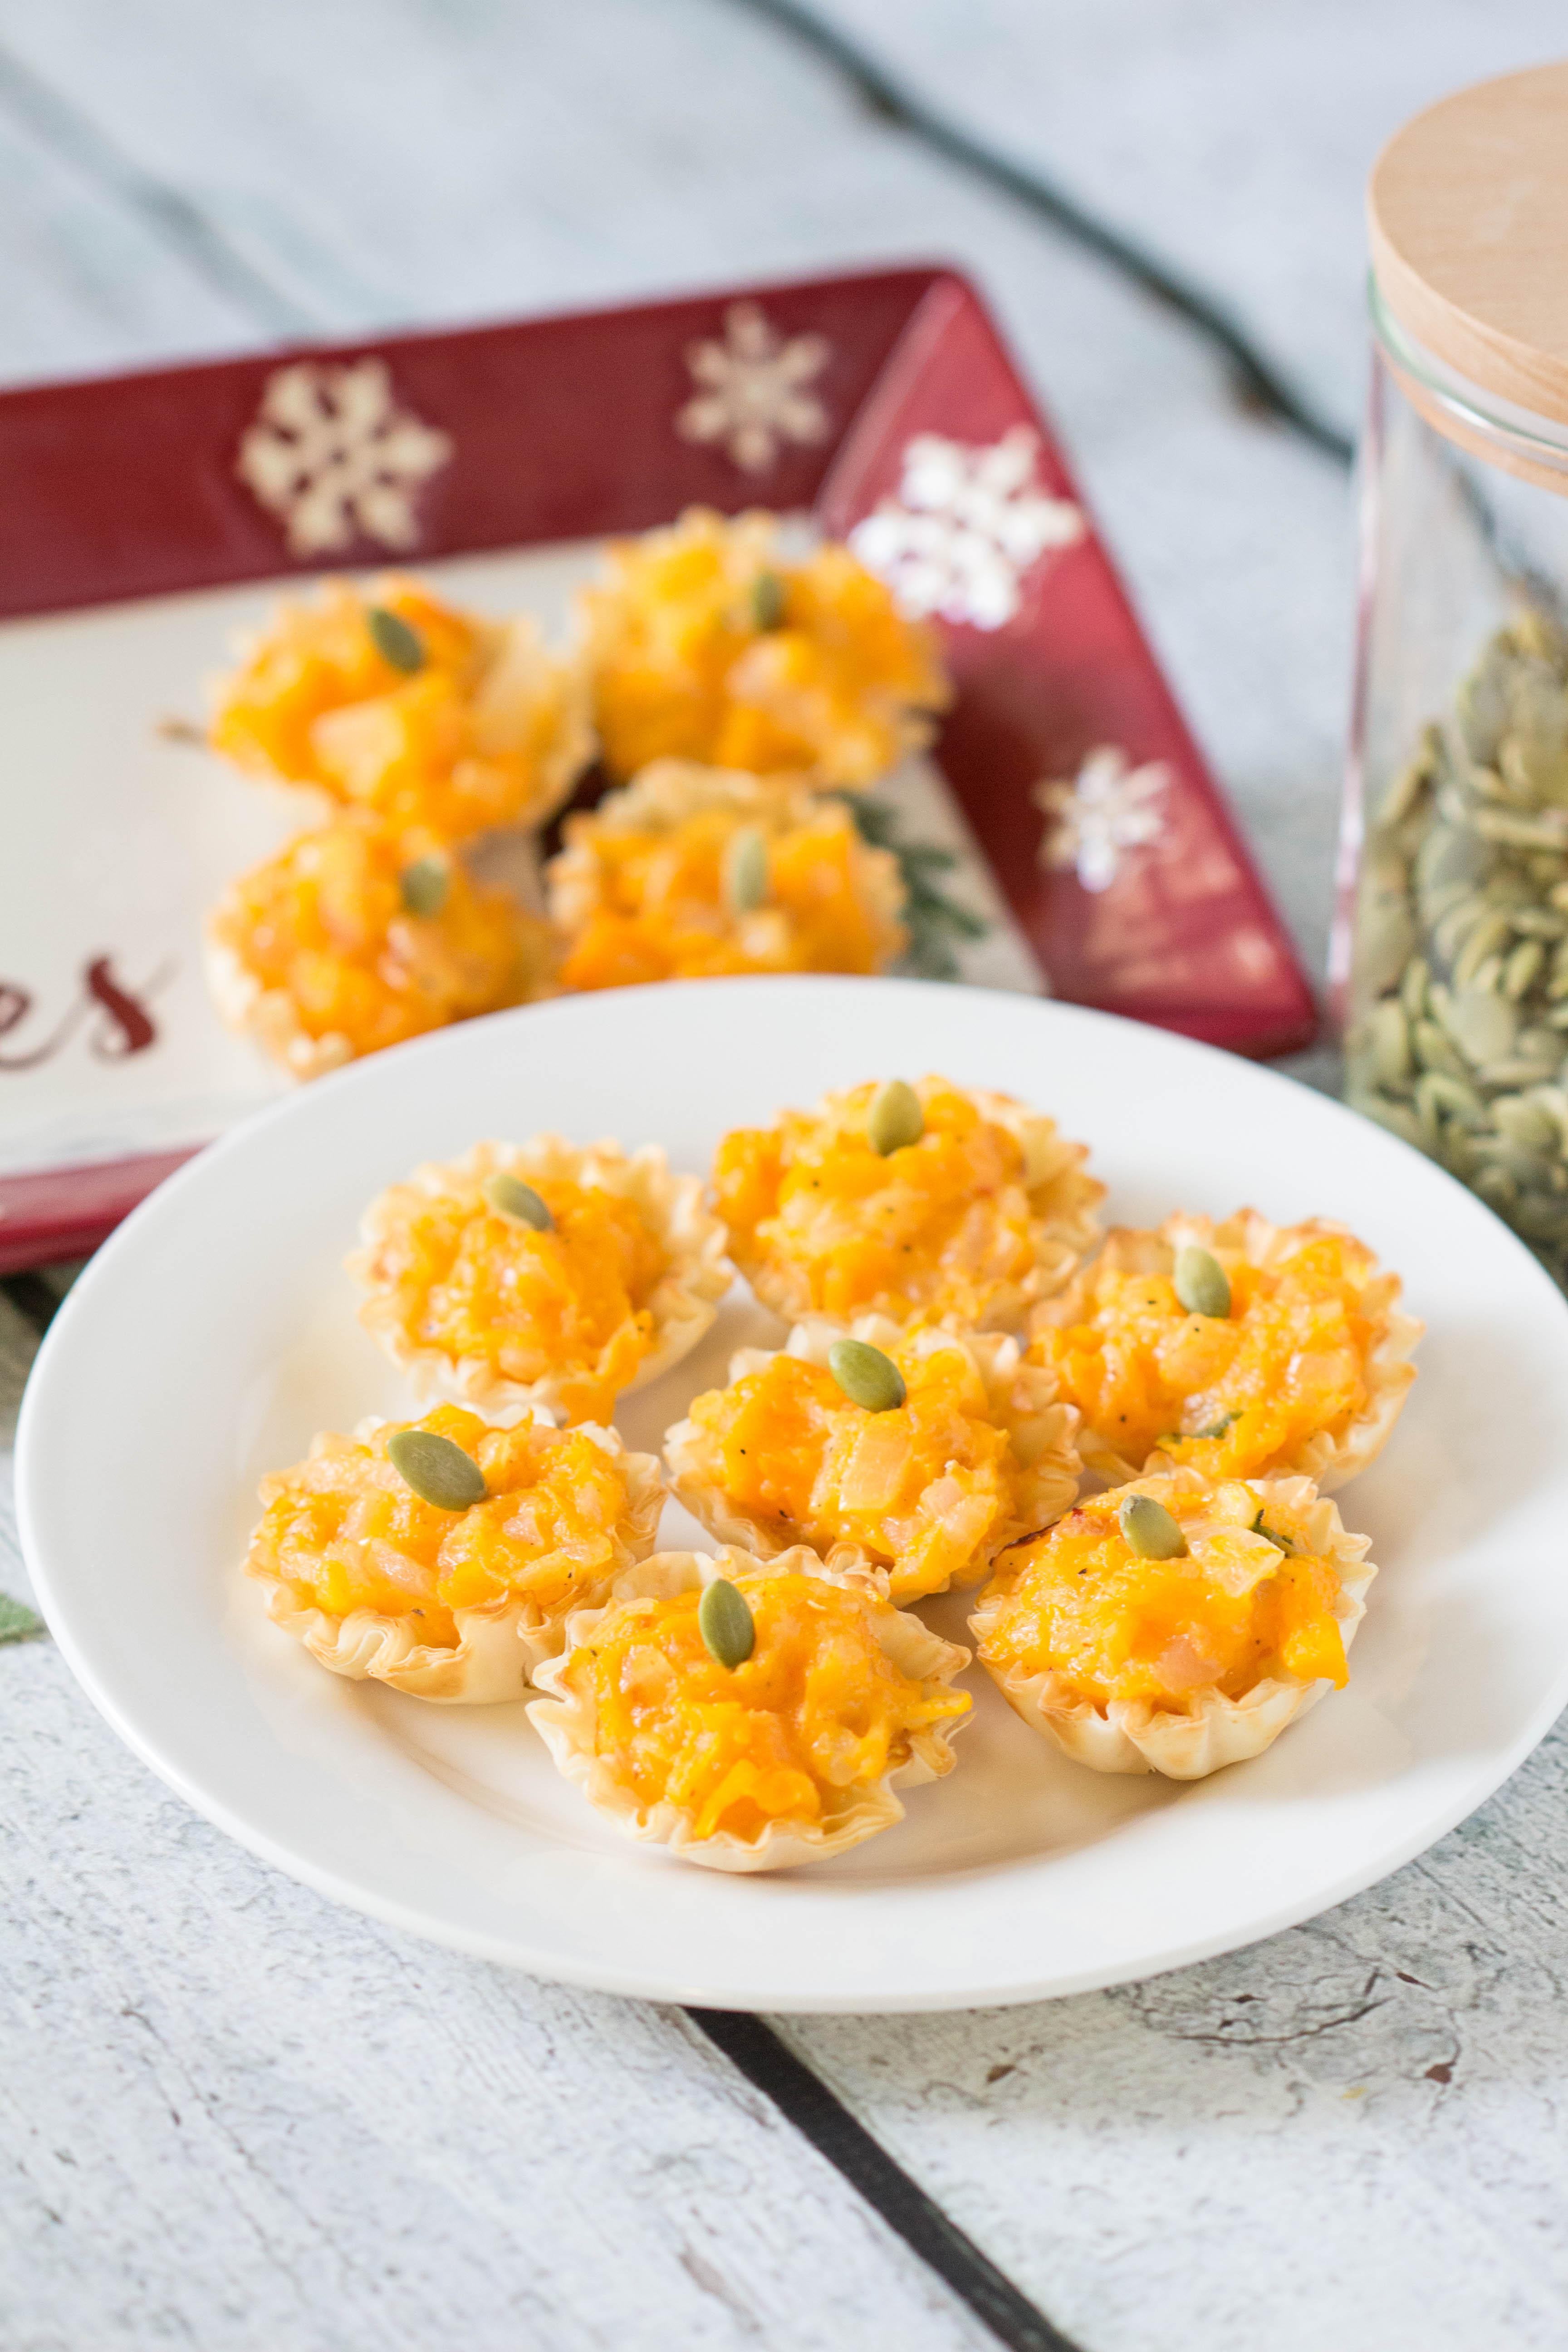 30 Minute Butternut Squash Bites - perfect appetizer, easy & tasty! |Krollskorner.com